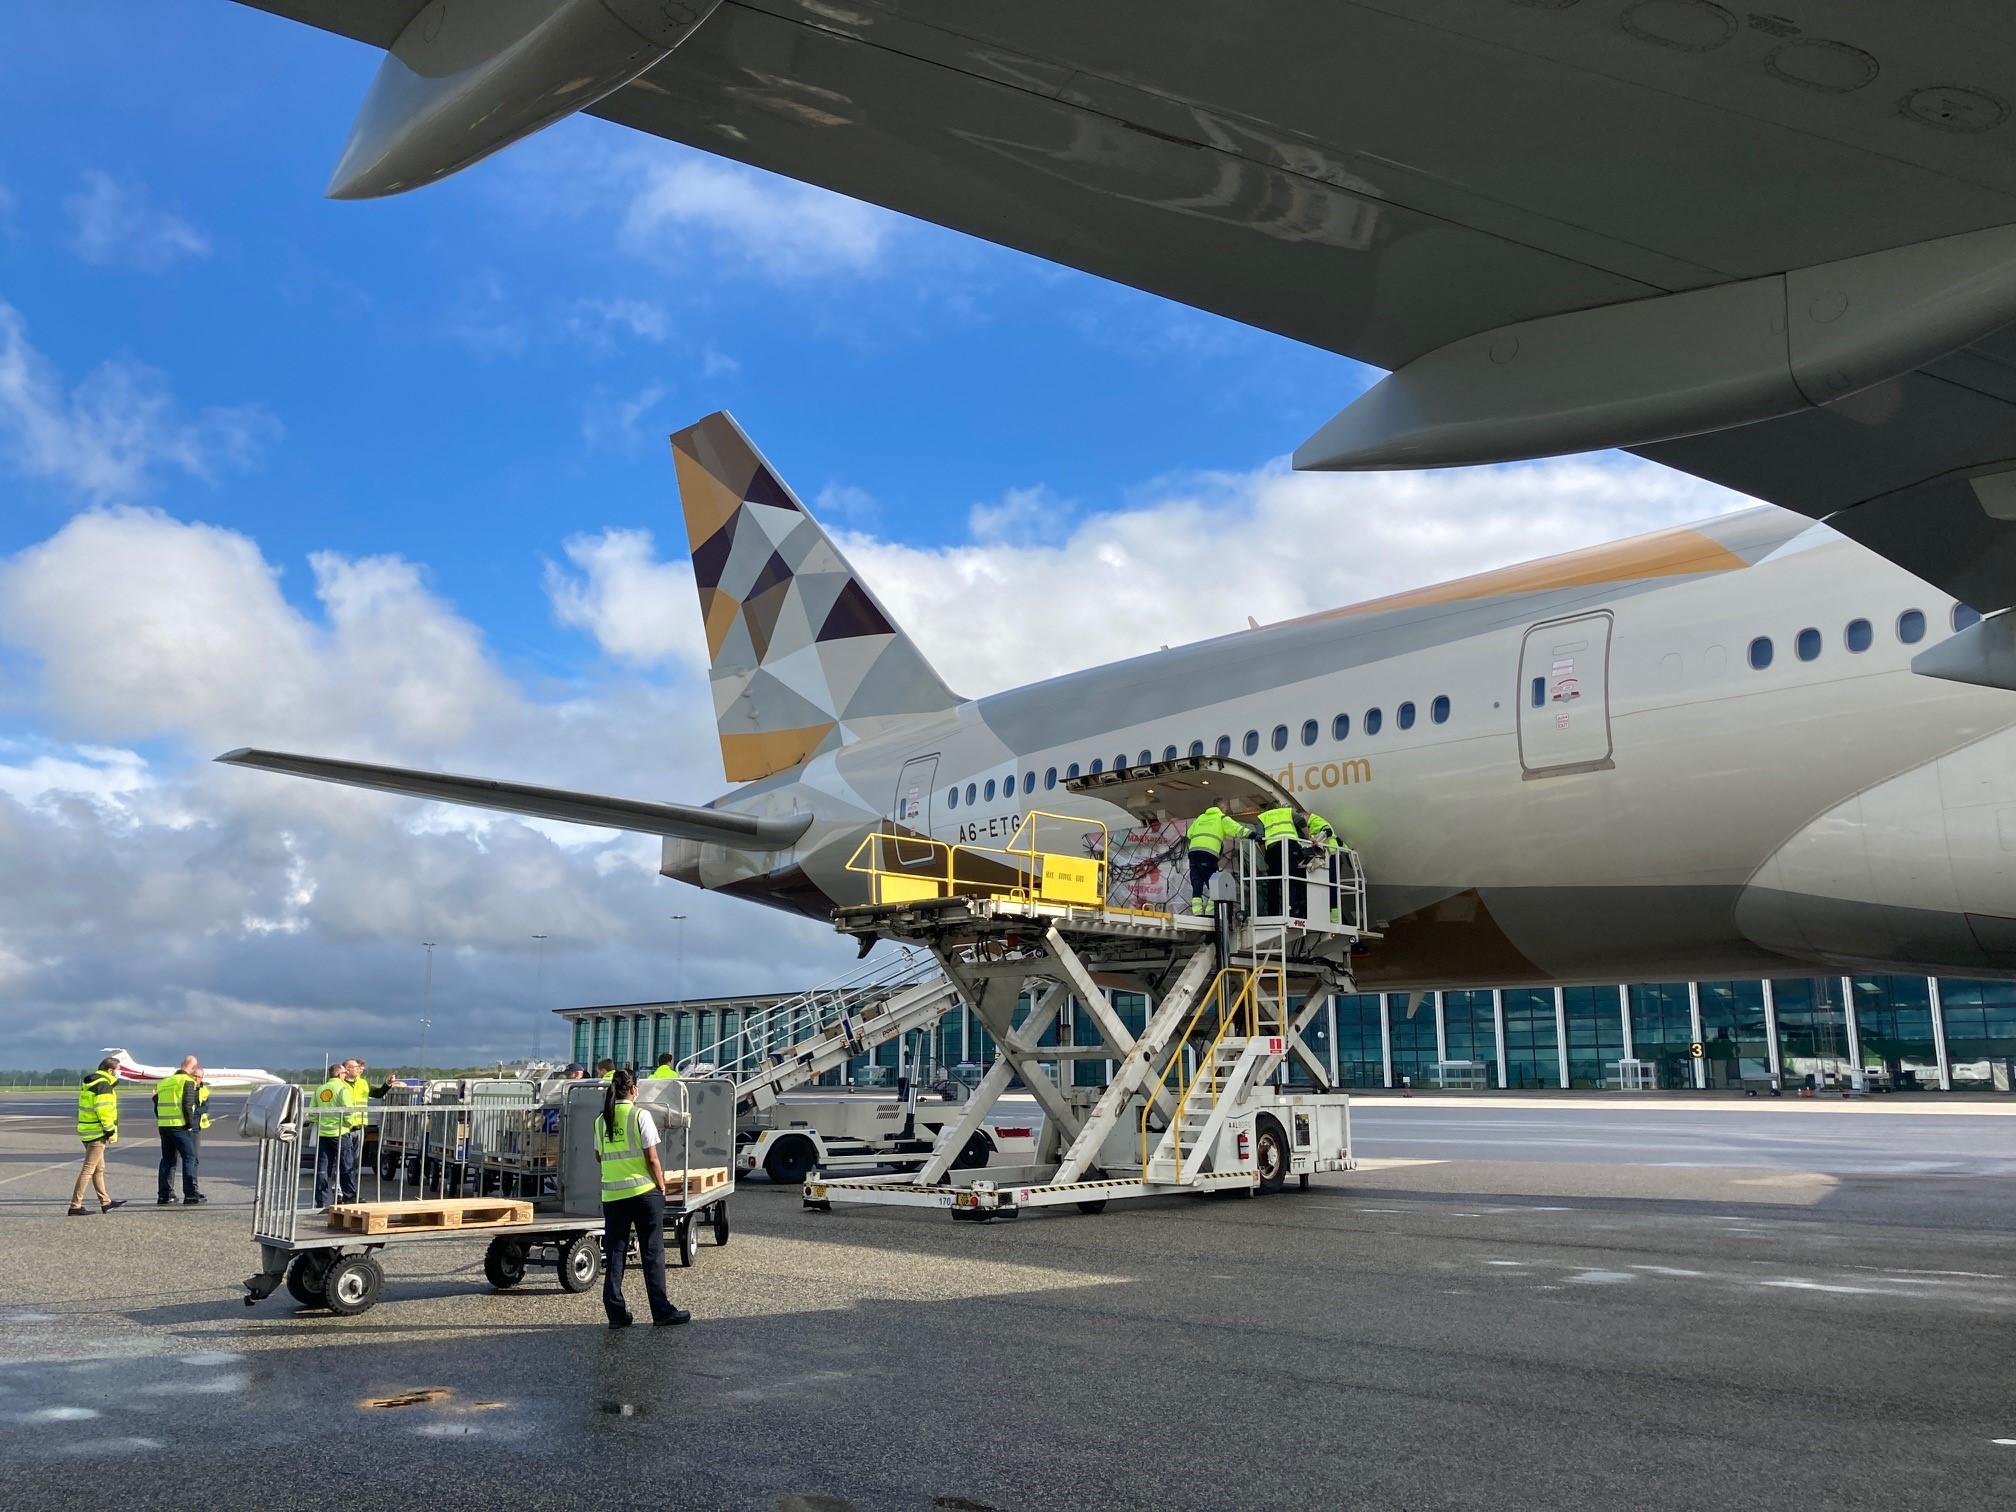 Vingefang på 65 meter: Største fragtfly nogensinde landet i Aalborg Lufthavn